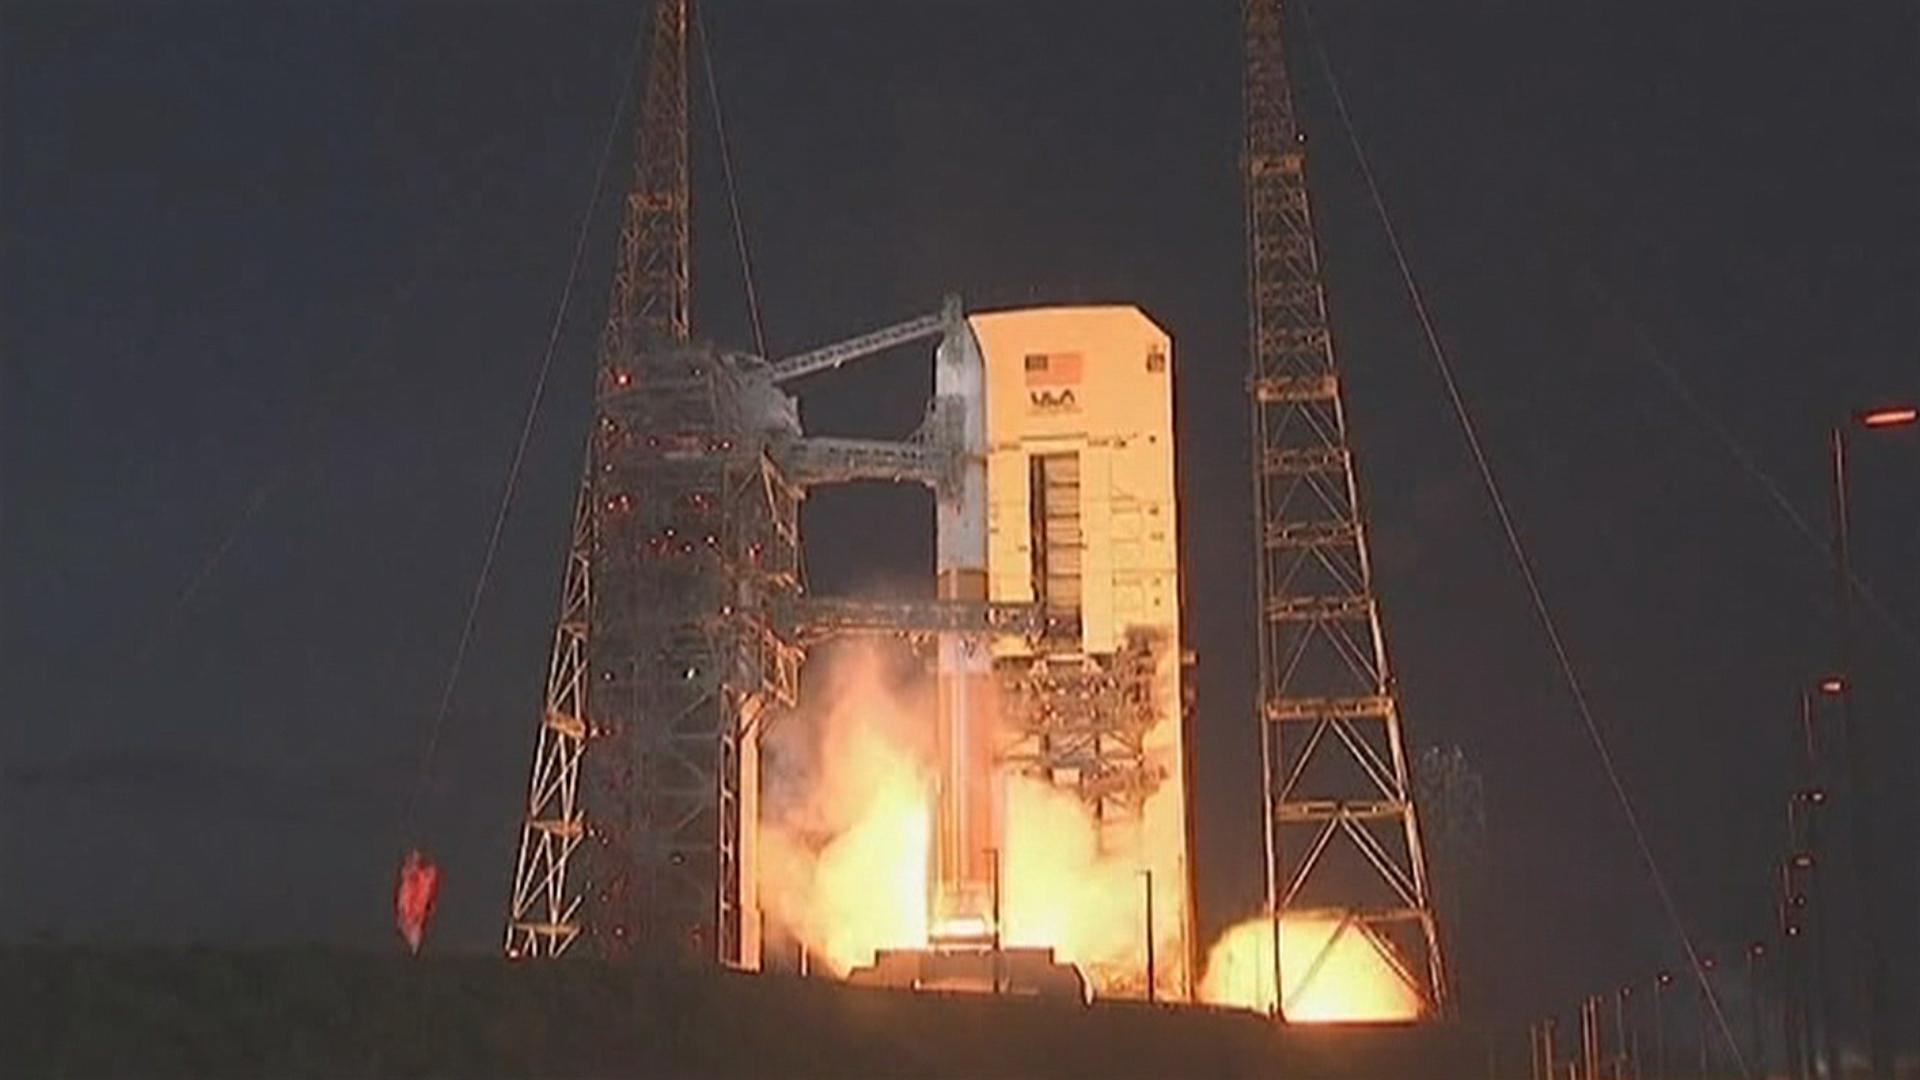 Delta 4 rocket launch Aug. 7, 2013